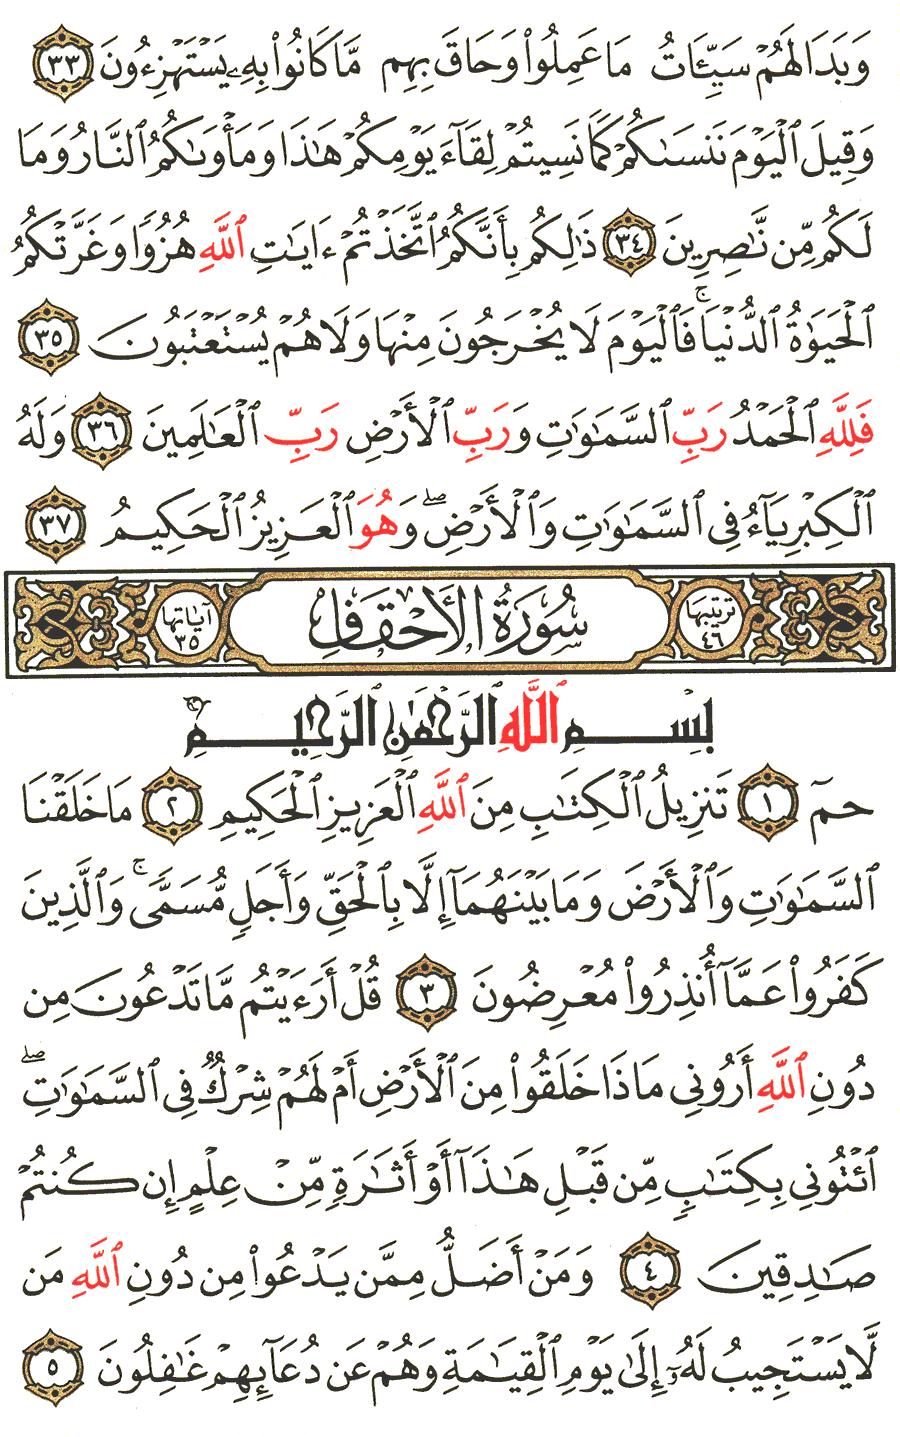 الصفحة رقم 502 من القرآن الكريم مكتوبة من المصحف